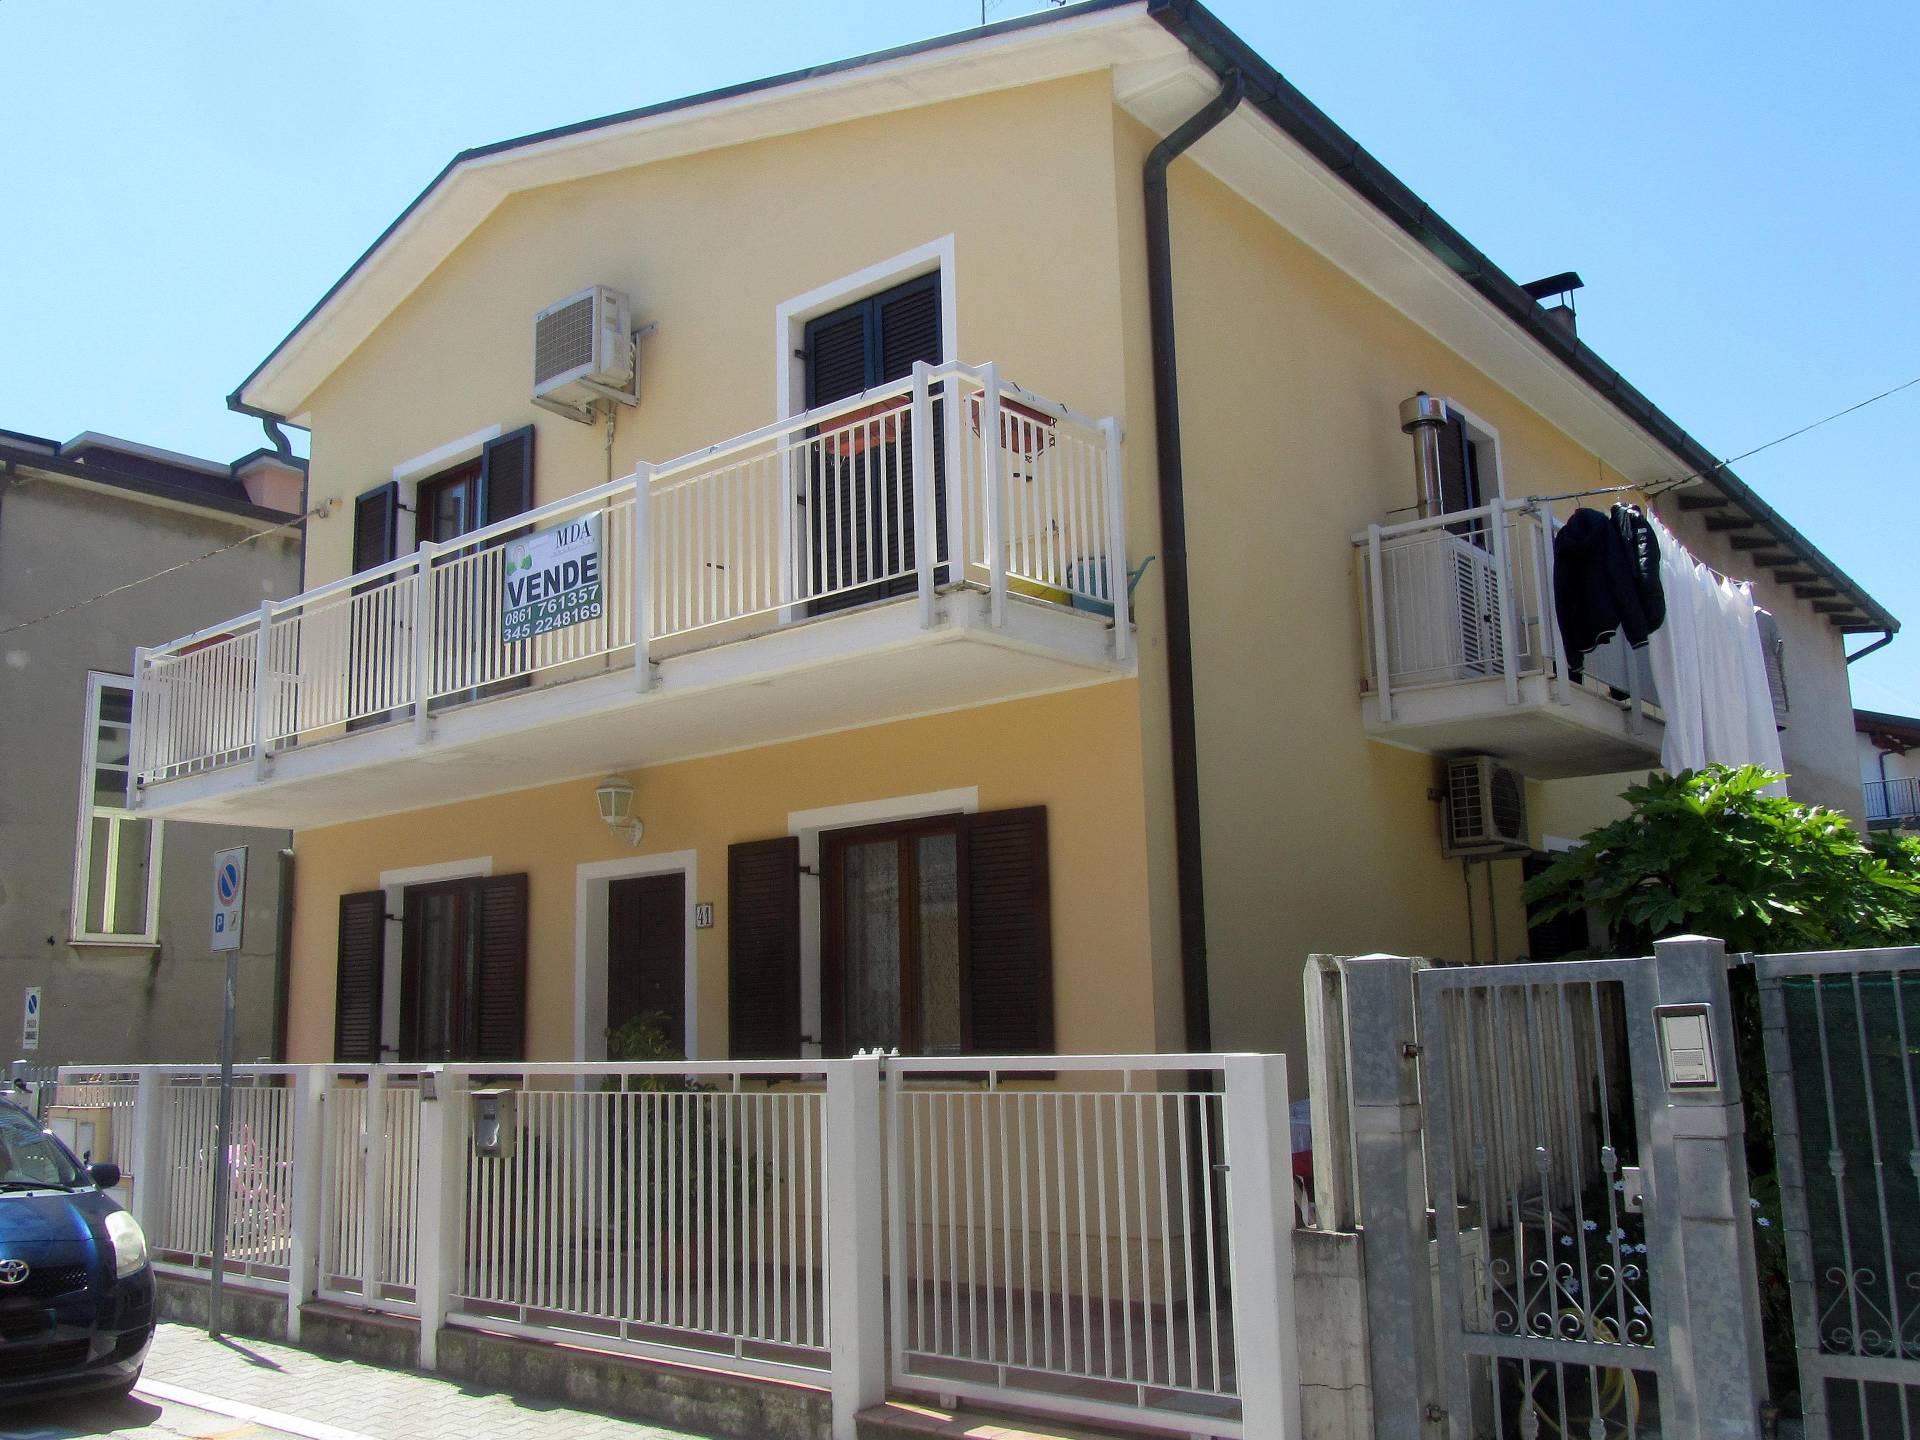 Soluzione Indipendente in vendita a Martinsicuro, 5 locali, prezzo € 158.000 | Cambio Casa.it